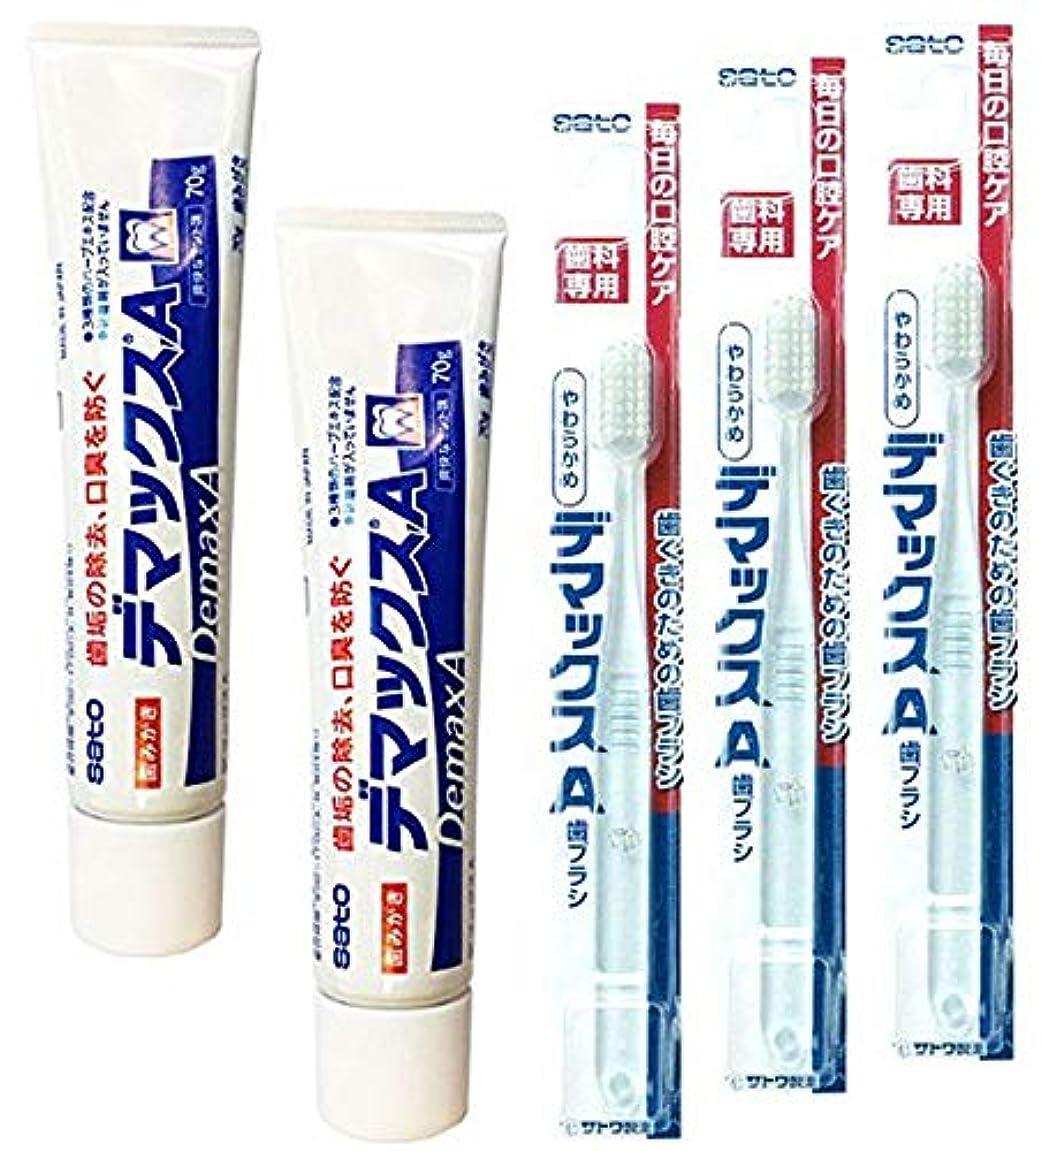 誘発する変更可能タオル佐藤製薬 デマックスA 歯磨き粉(70g) 2個 + デマックスA 歯ブラシ 3本 セット